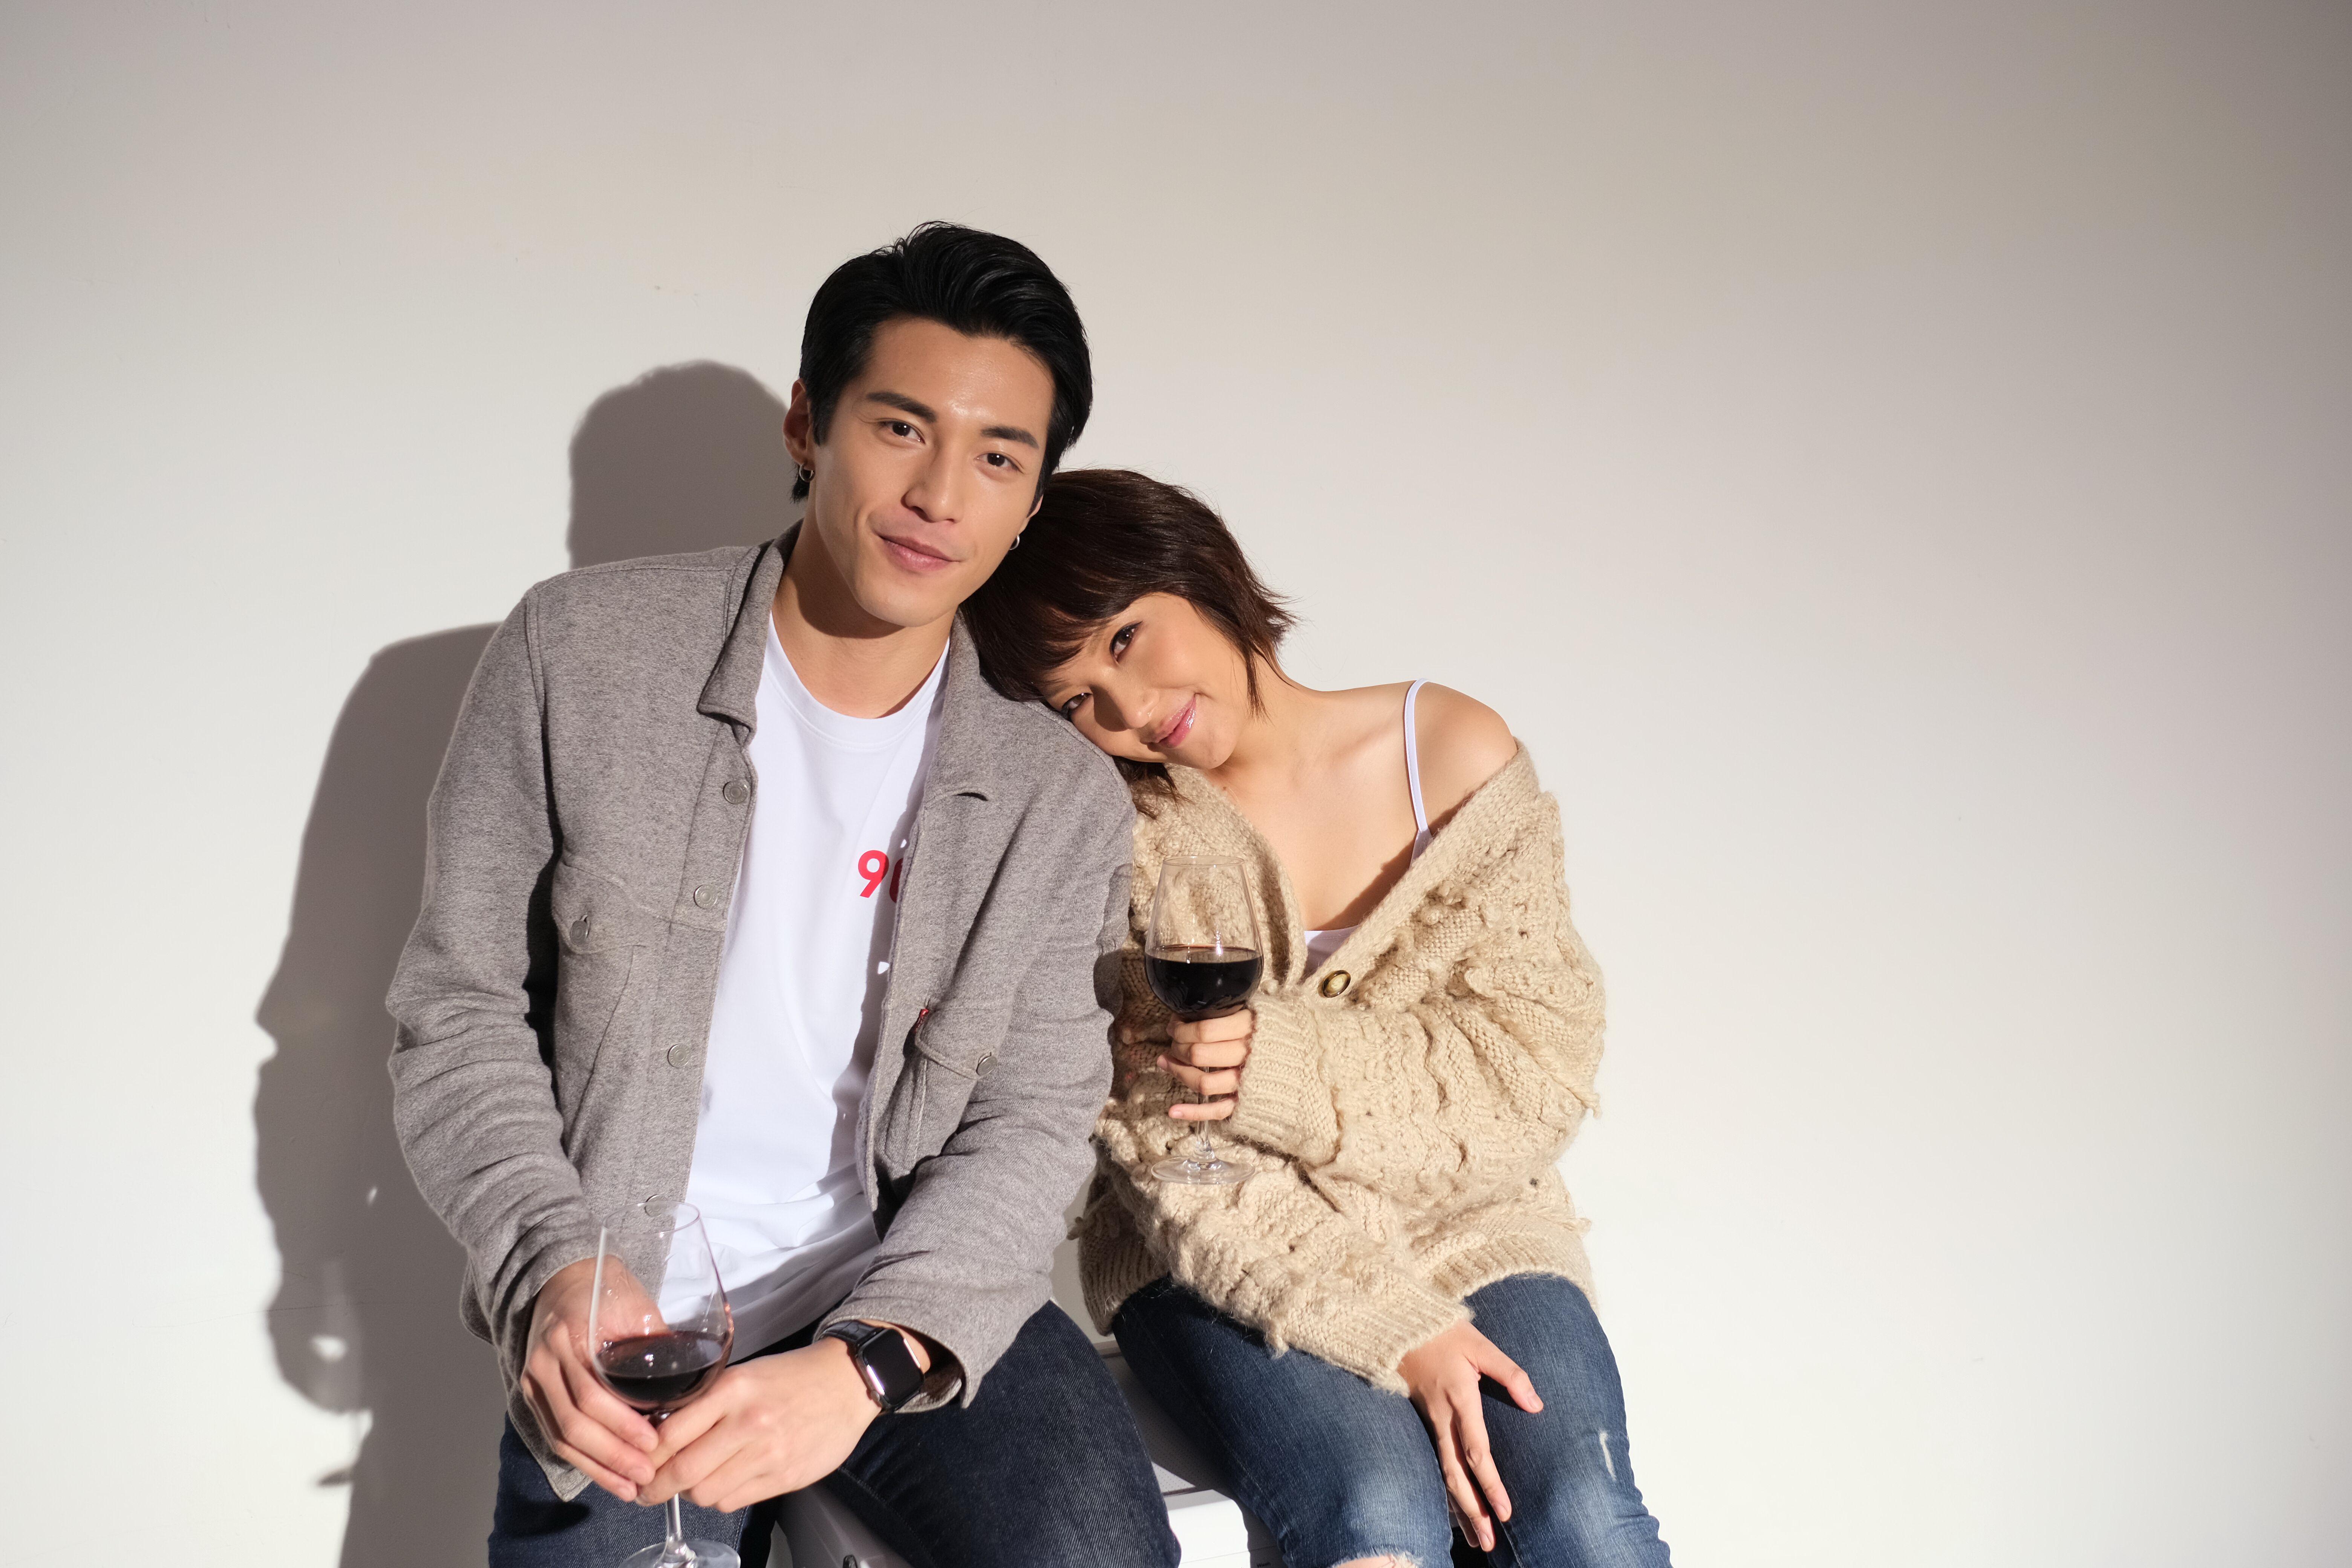 拍攝新歌《了解中》MV,Jill找了黃俊豪飾演這位新對象。